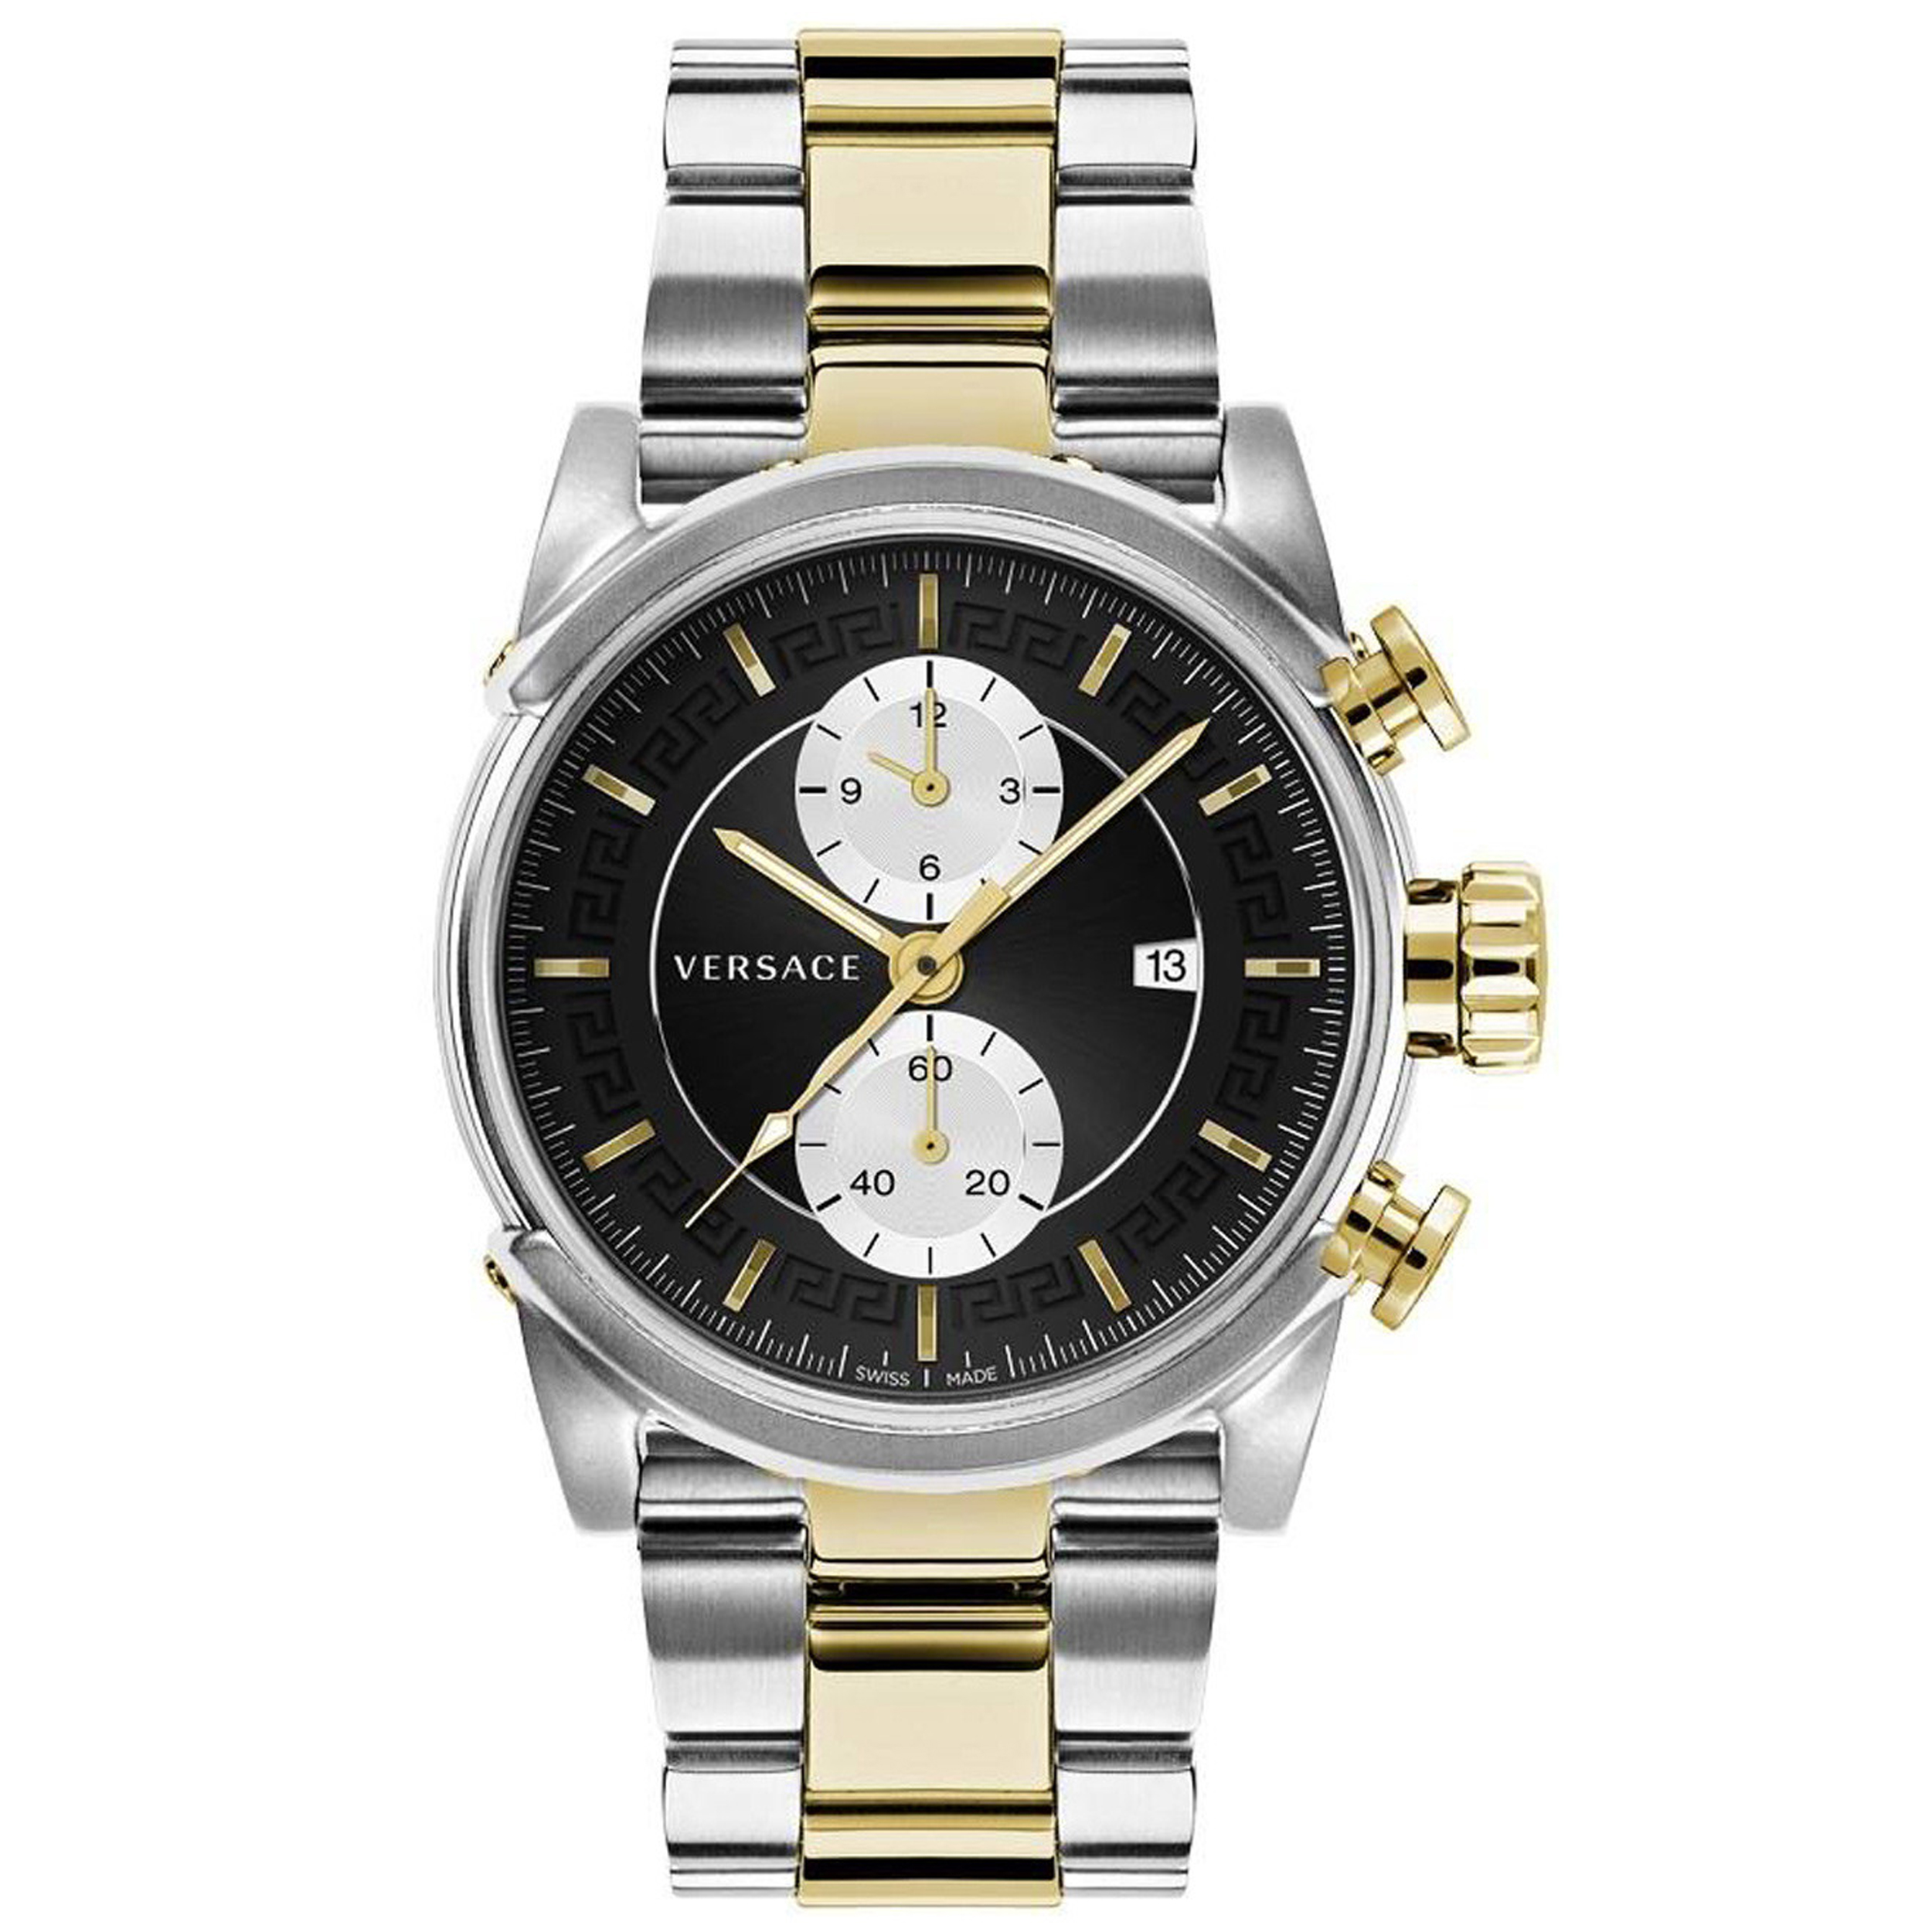 ساعت مچی عقربه ای مردانه ورساچه مدل VEV4005 19              ارزان